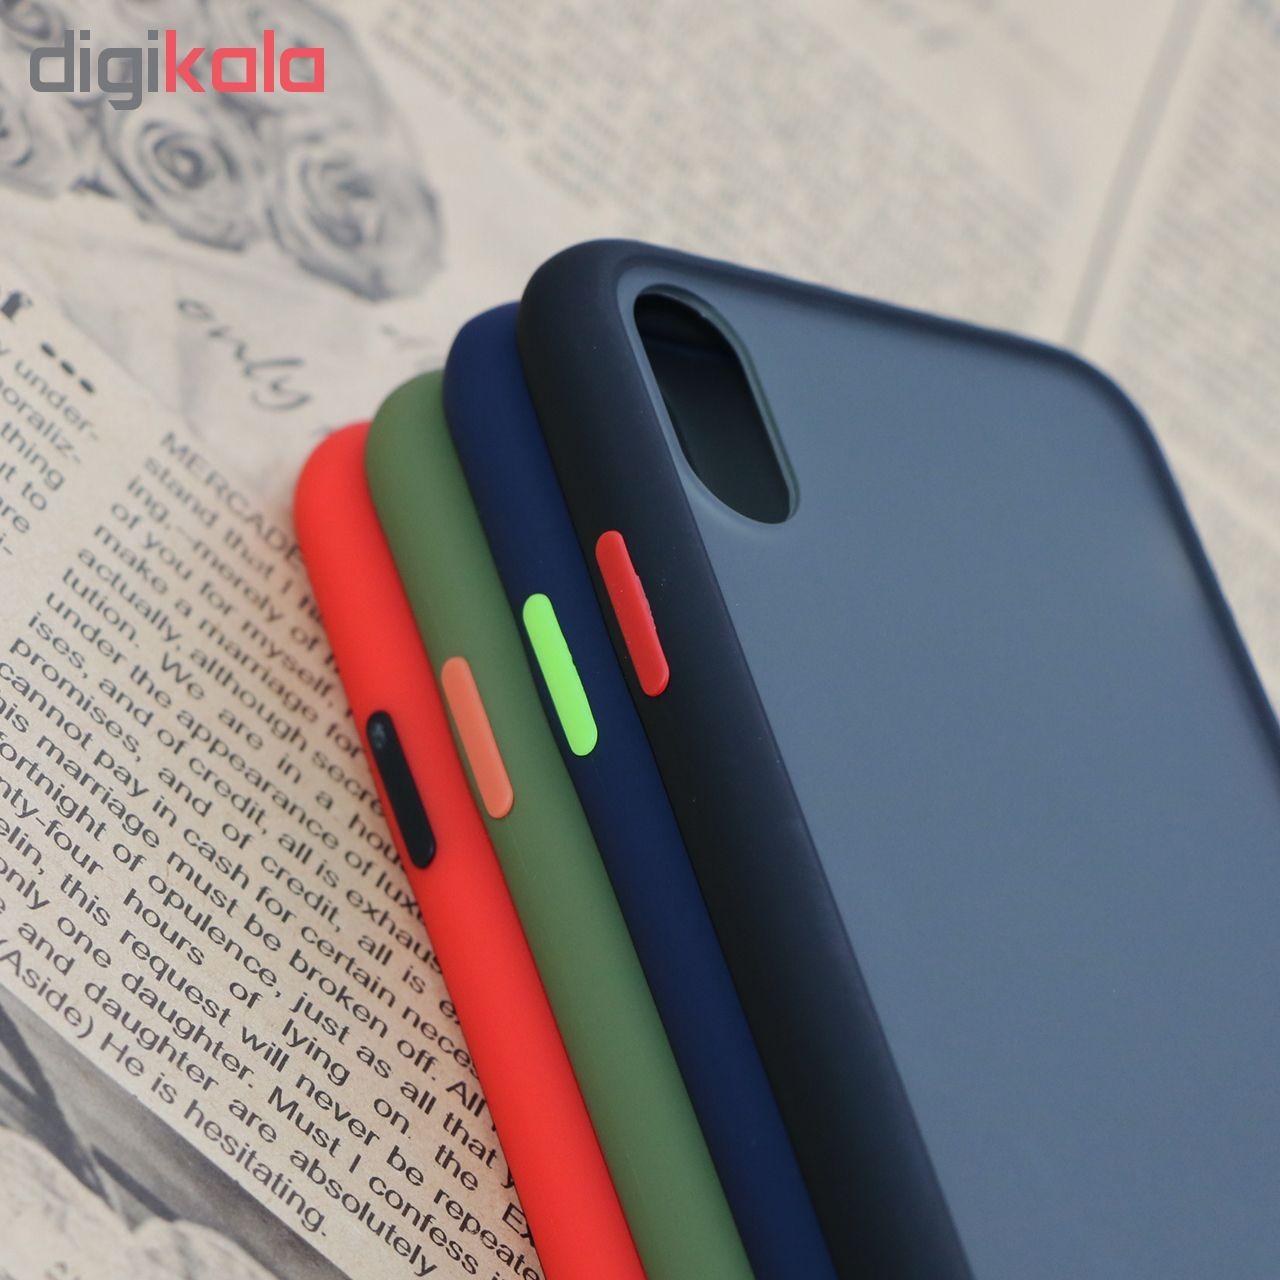 کاور مدل Sb-001 مناسب برای گوشی موبایل سامسونگ Galaxy A50/A30s/A50s main 1 3